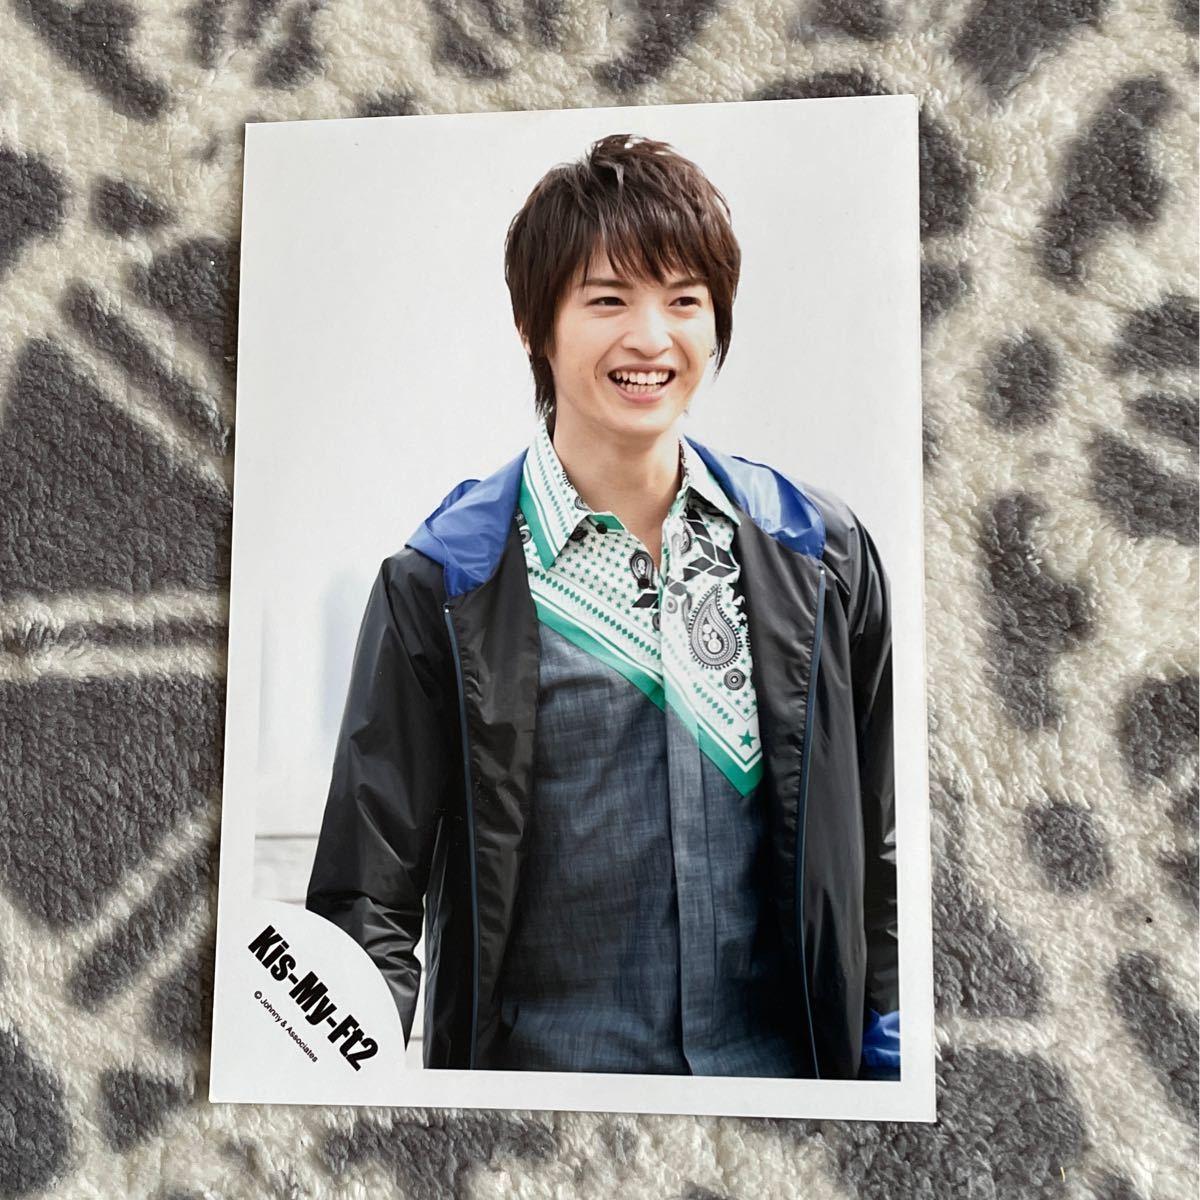 公式写真 BTS 防弾少年団 櫻井翔 二宮和也 玉森裕太フォトカード